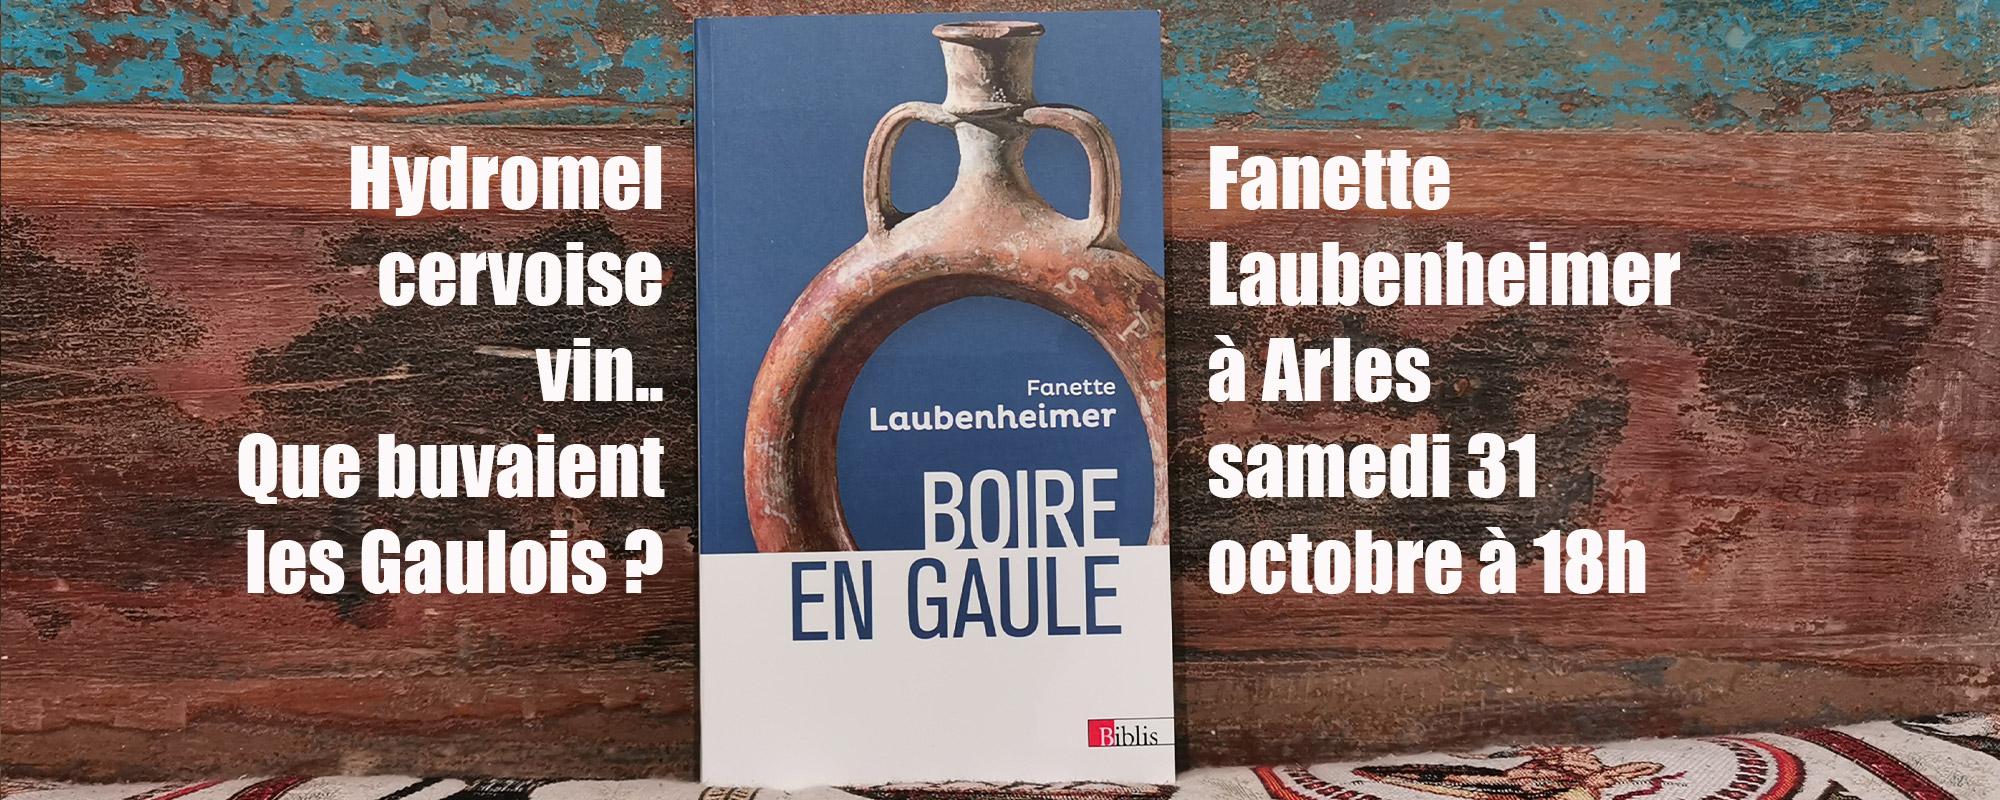 Que buvaient les Gaulois ? Fanette Laubenheimer à Arles